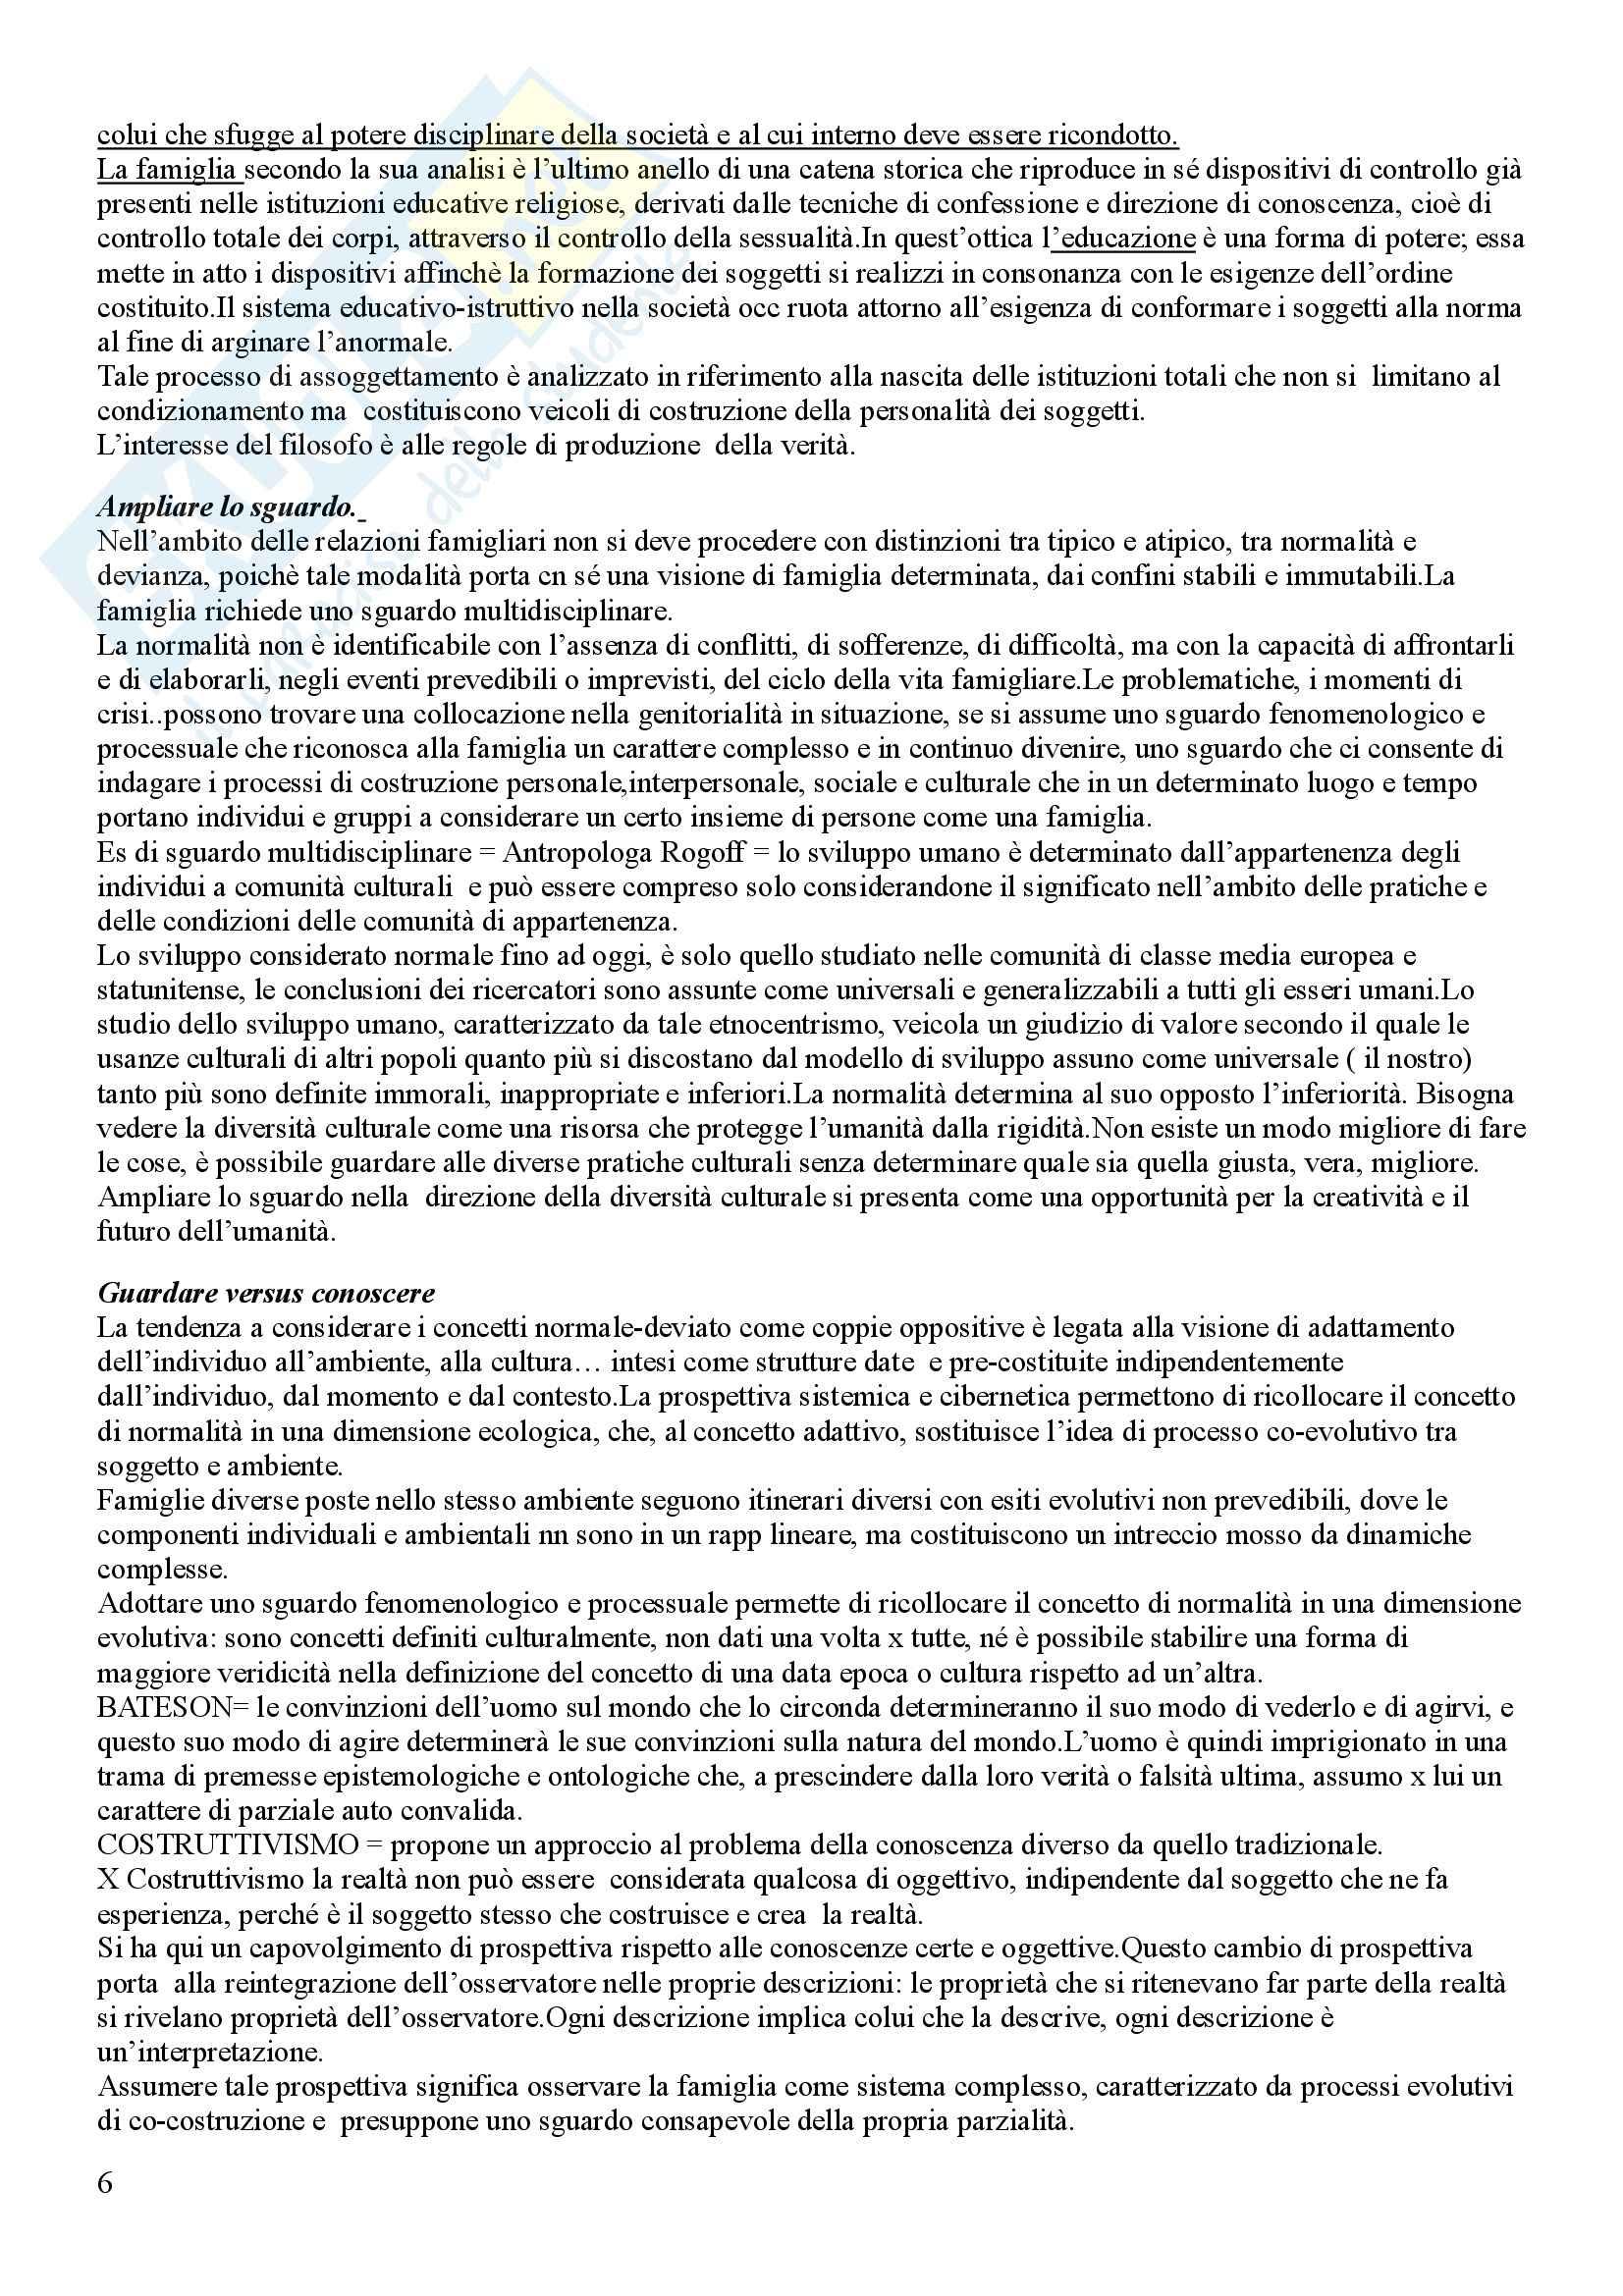 Pedagogia della famiglia - Appunti Pag. 6